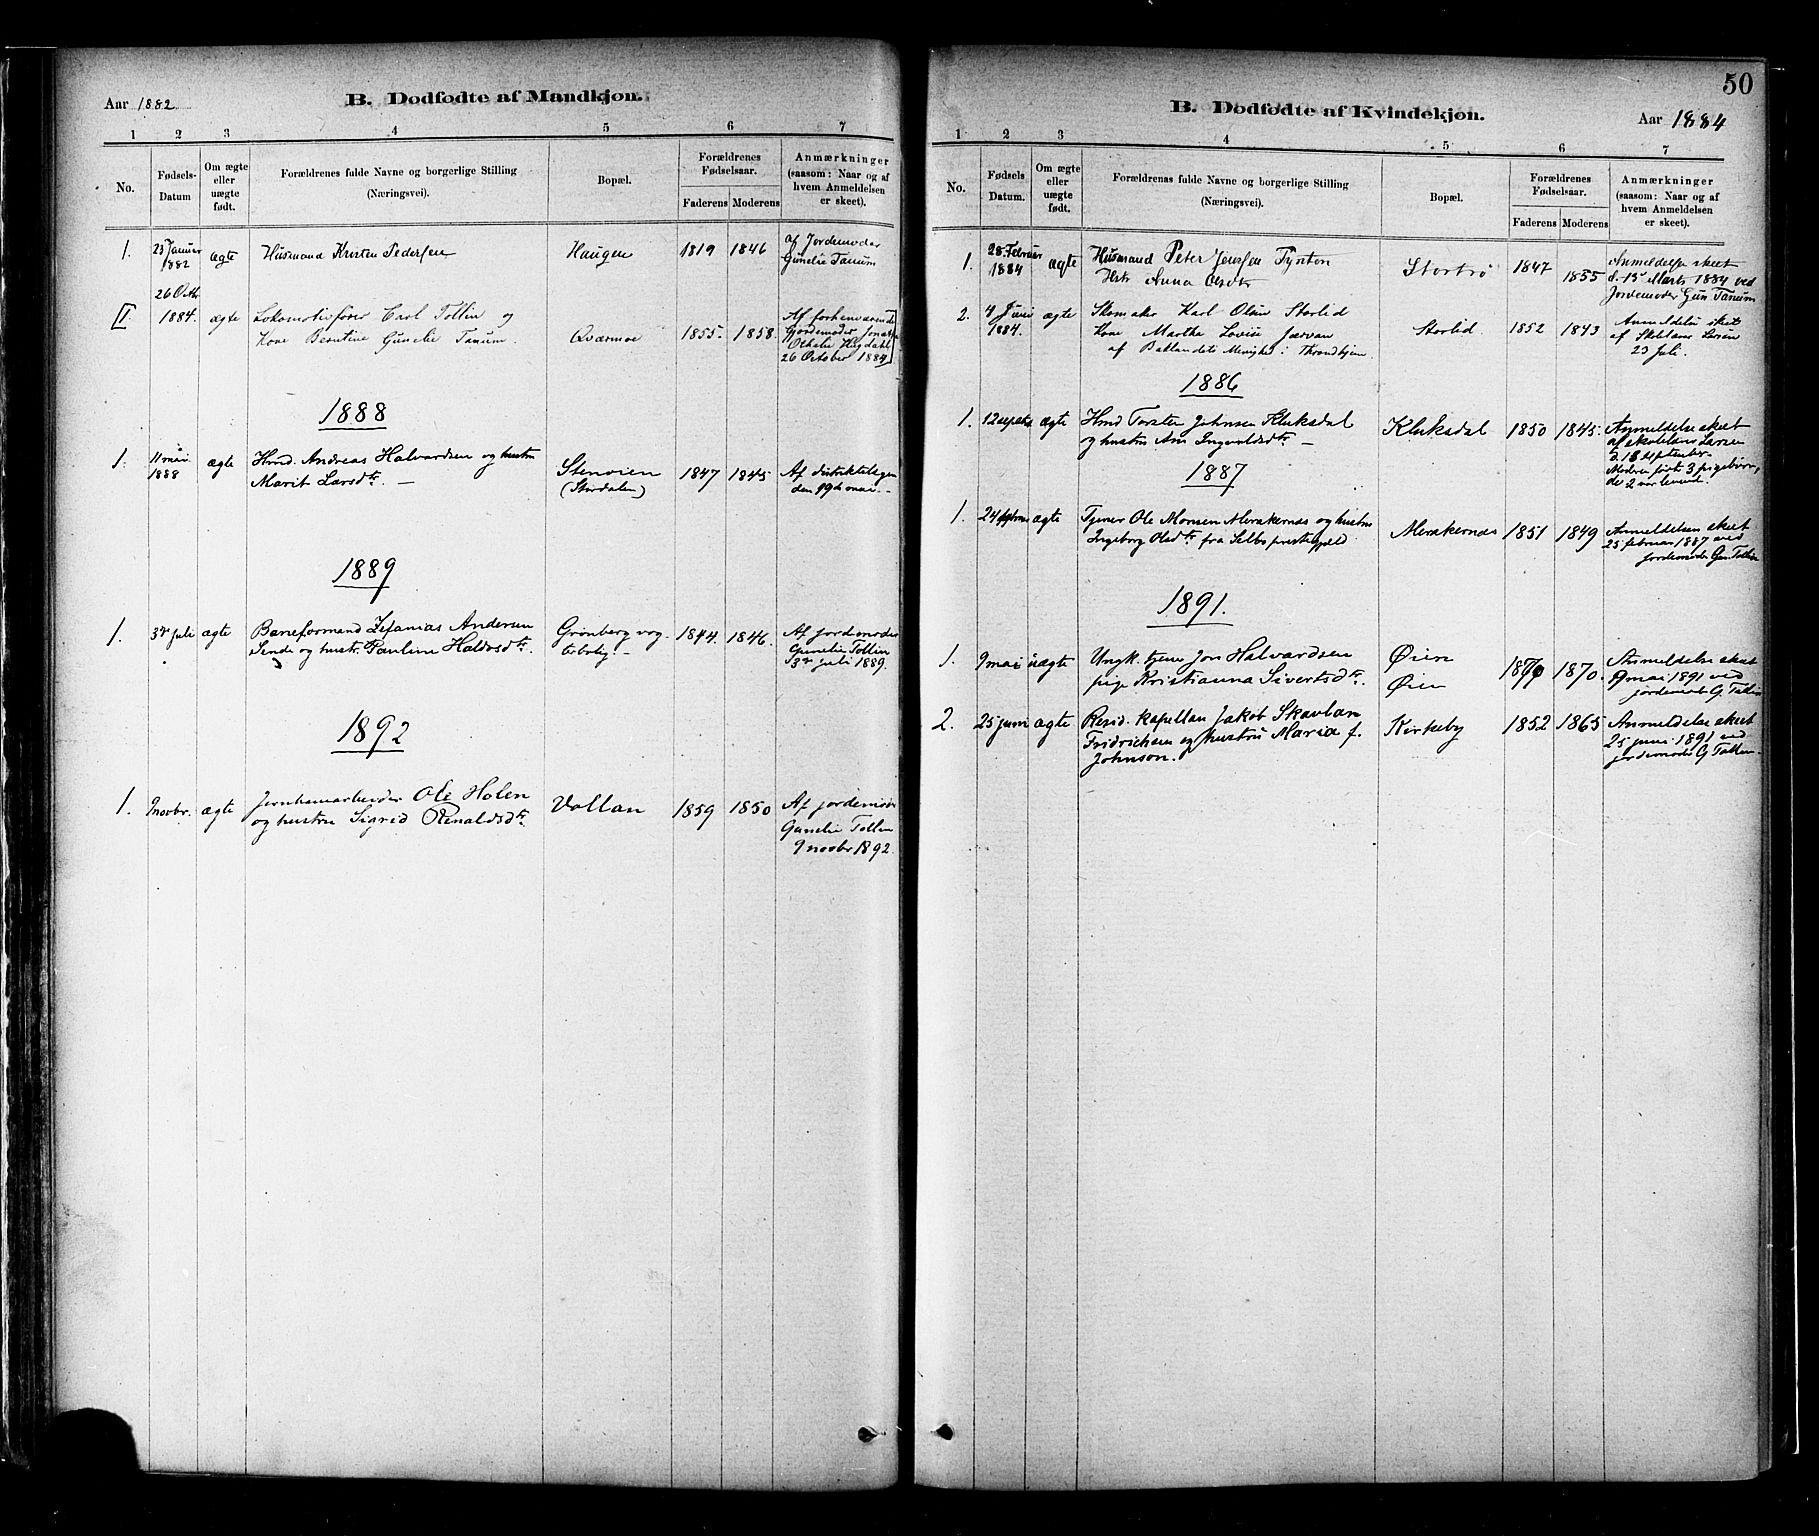 SAT, Ministerialprotokoller, klokkerbøker og fødselsregistre - Nord-Trøndelag, 706/L0047: Parish register (official) no. 706A03, 1878-1892, p. 50